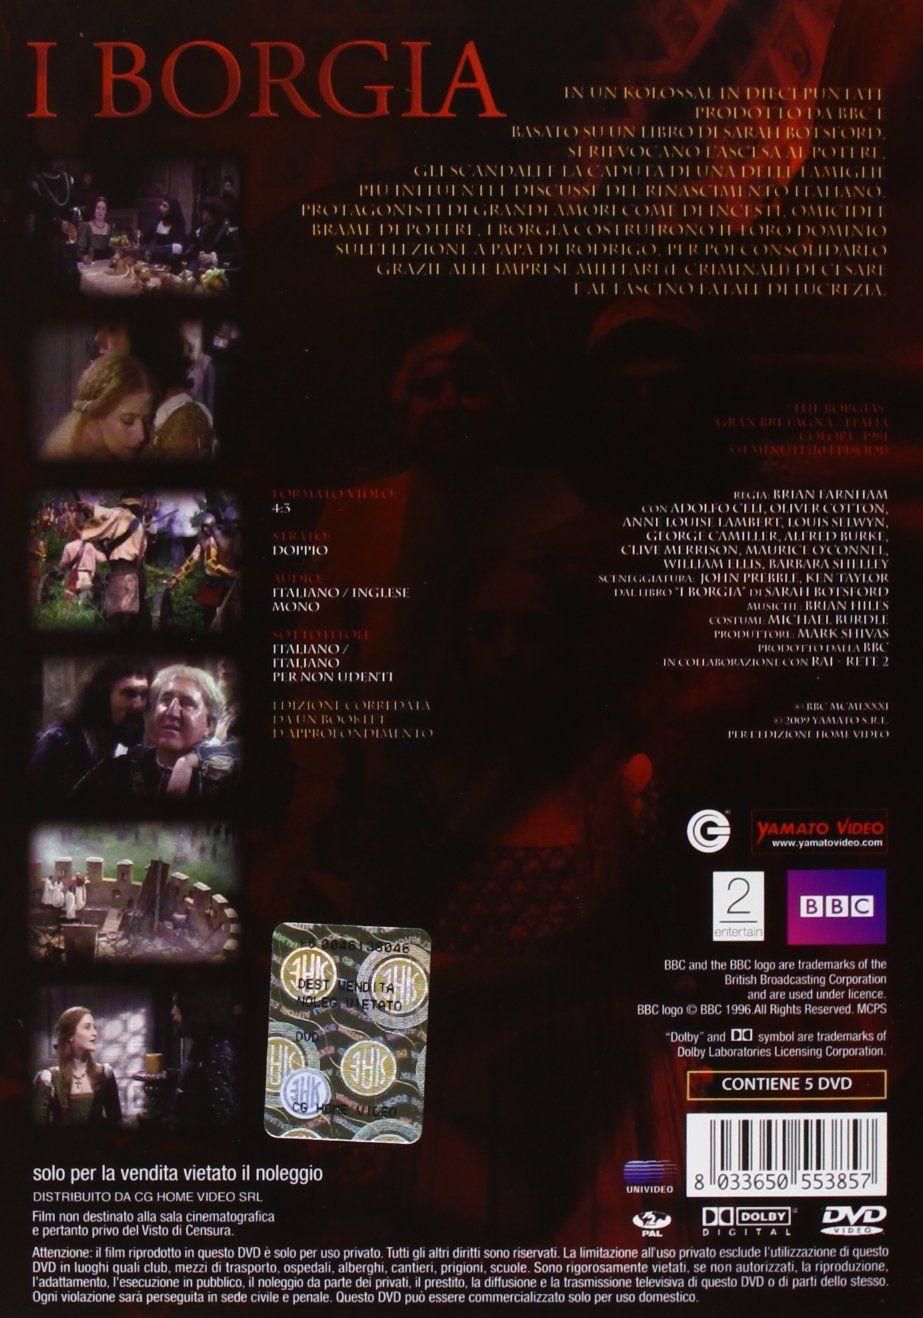 I Borgia 5 Dvd Italia Borgia Dvd Italia Cine